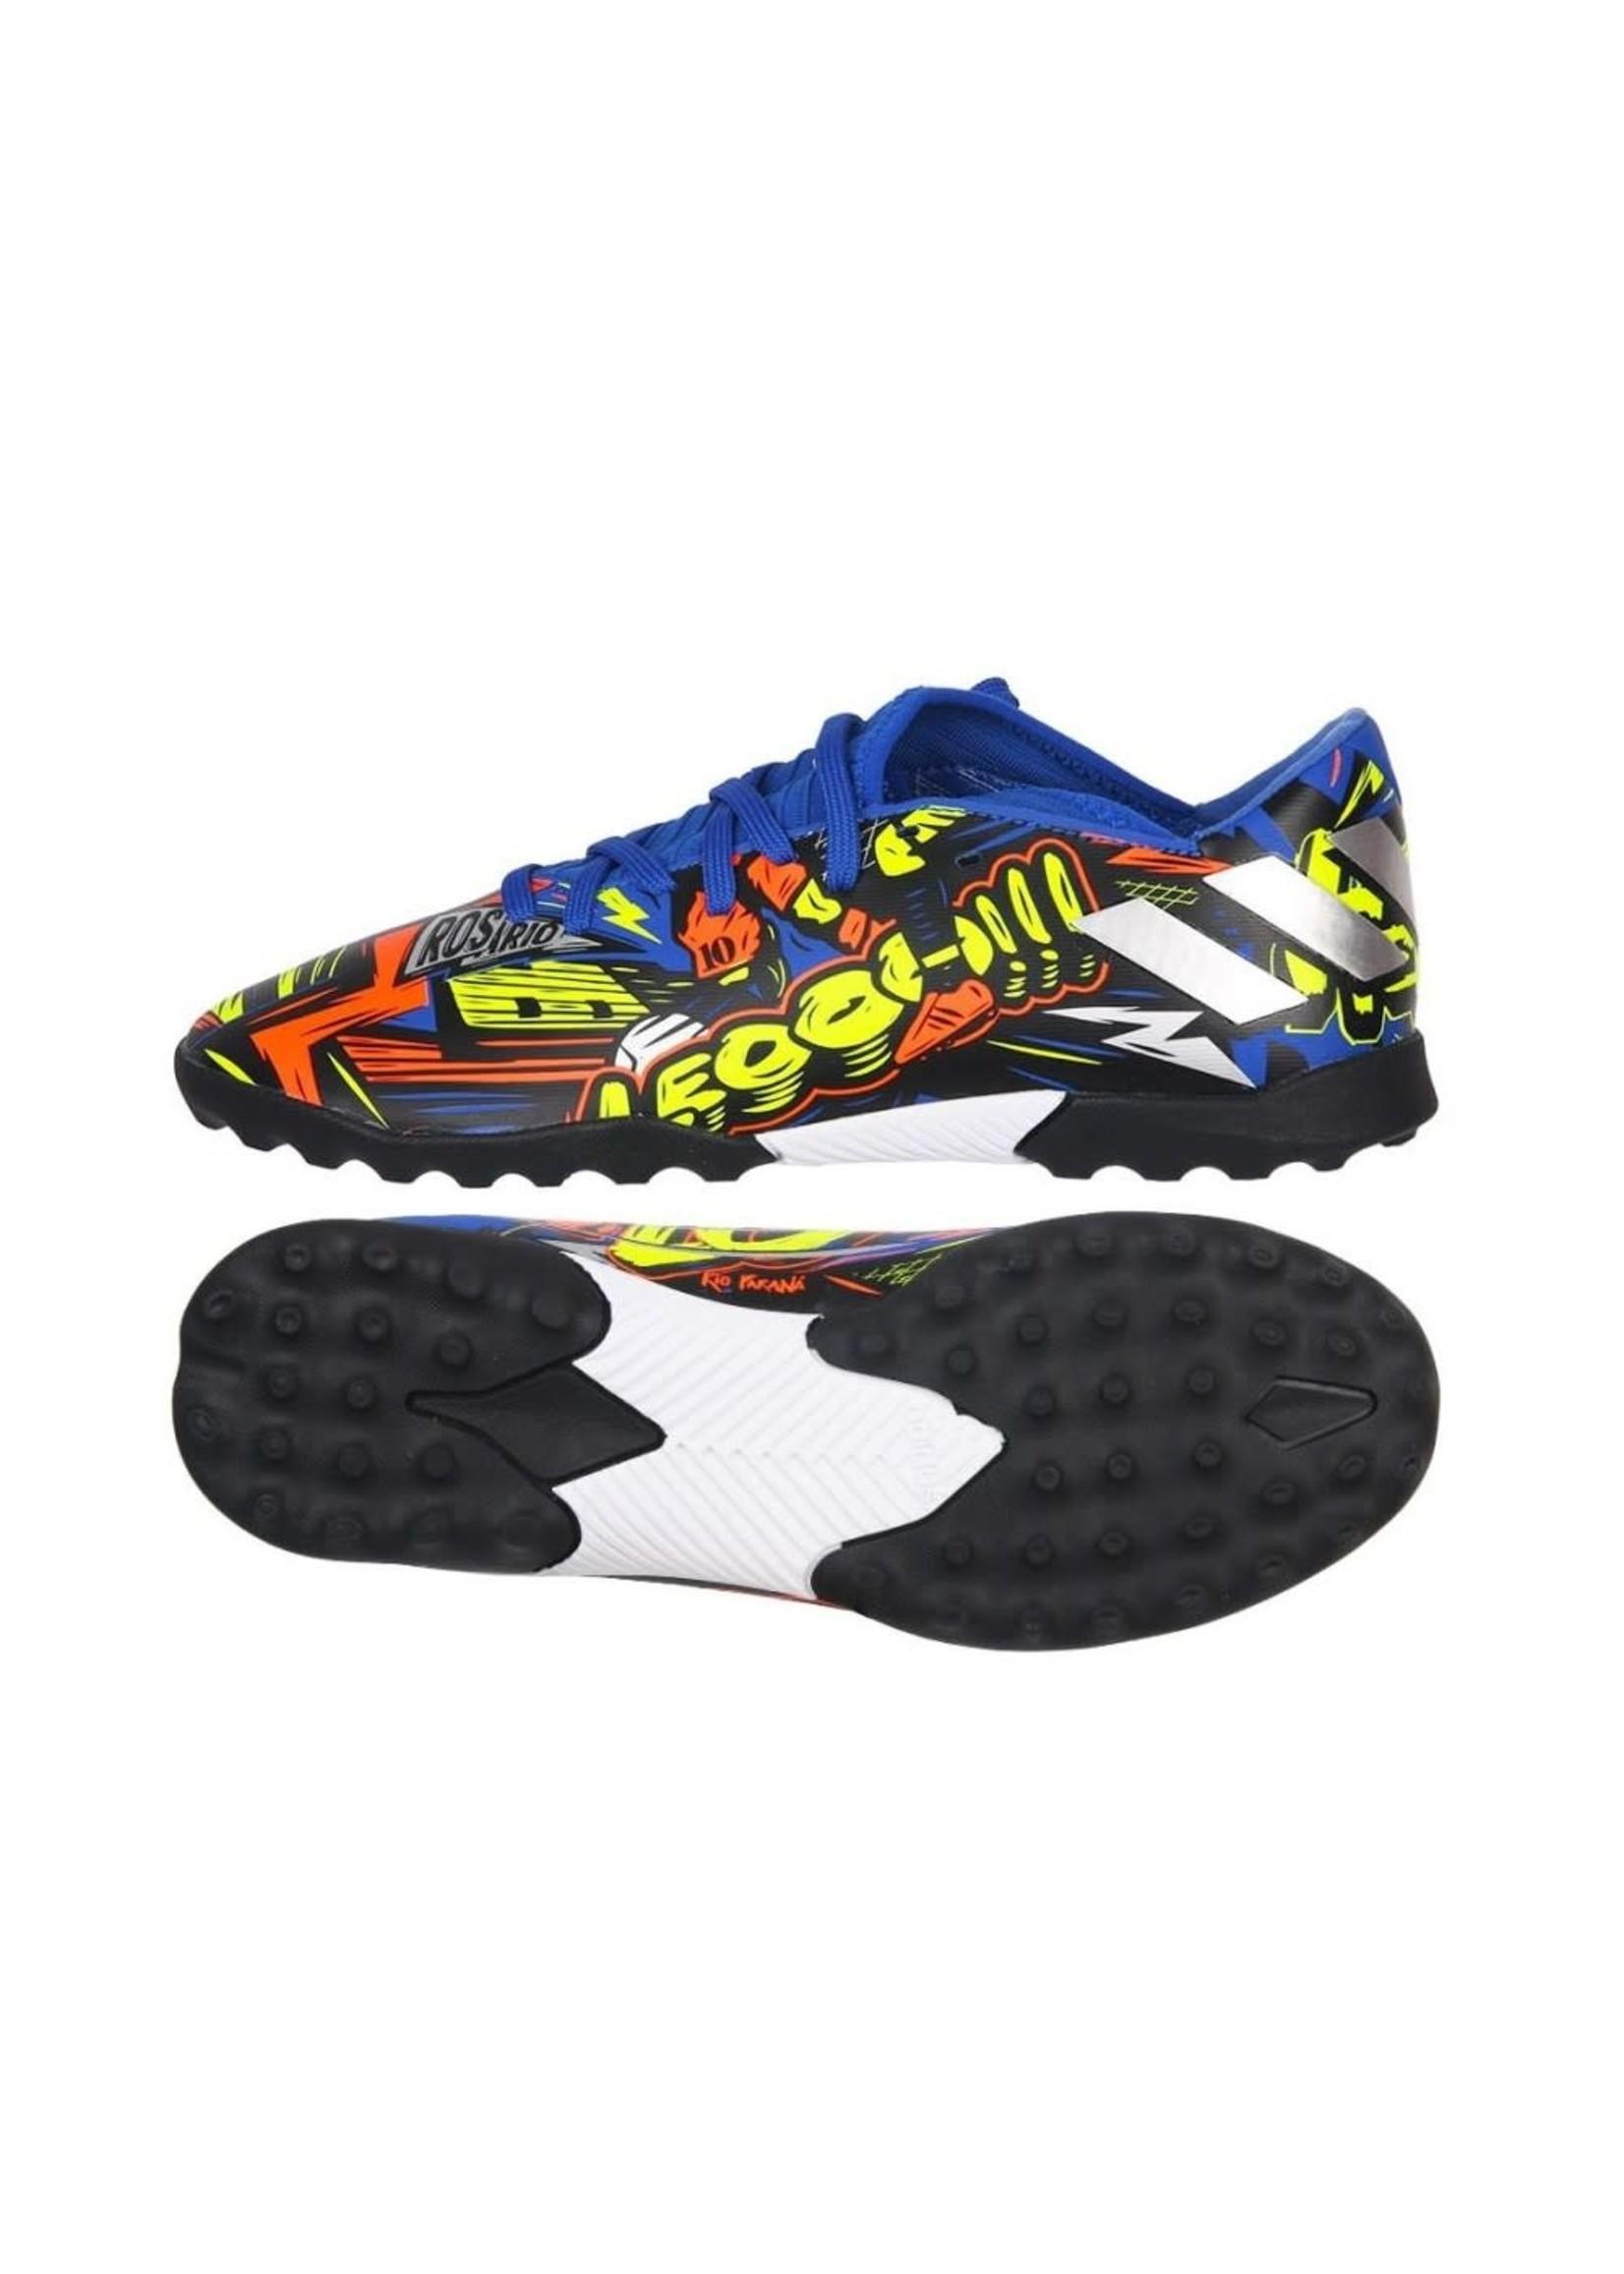 Adidas NEMEZIZ MESSI 19.3 TF J